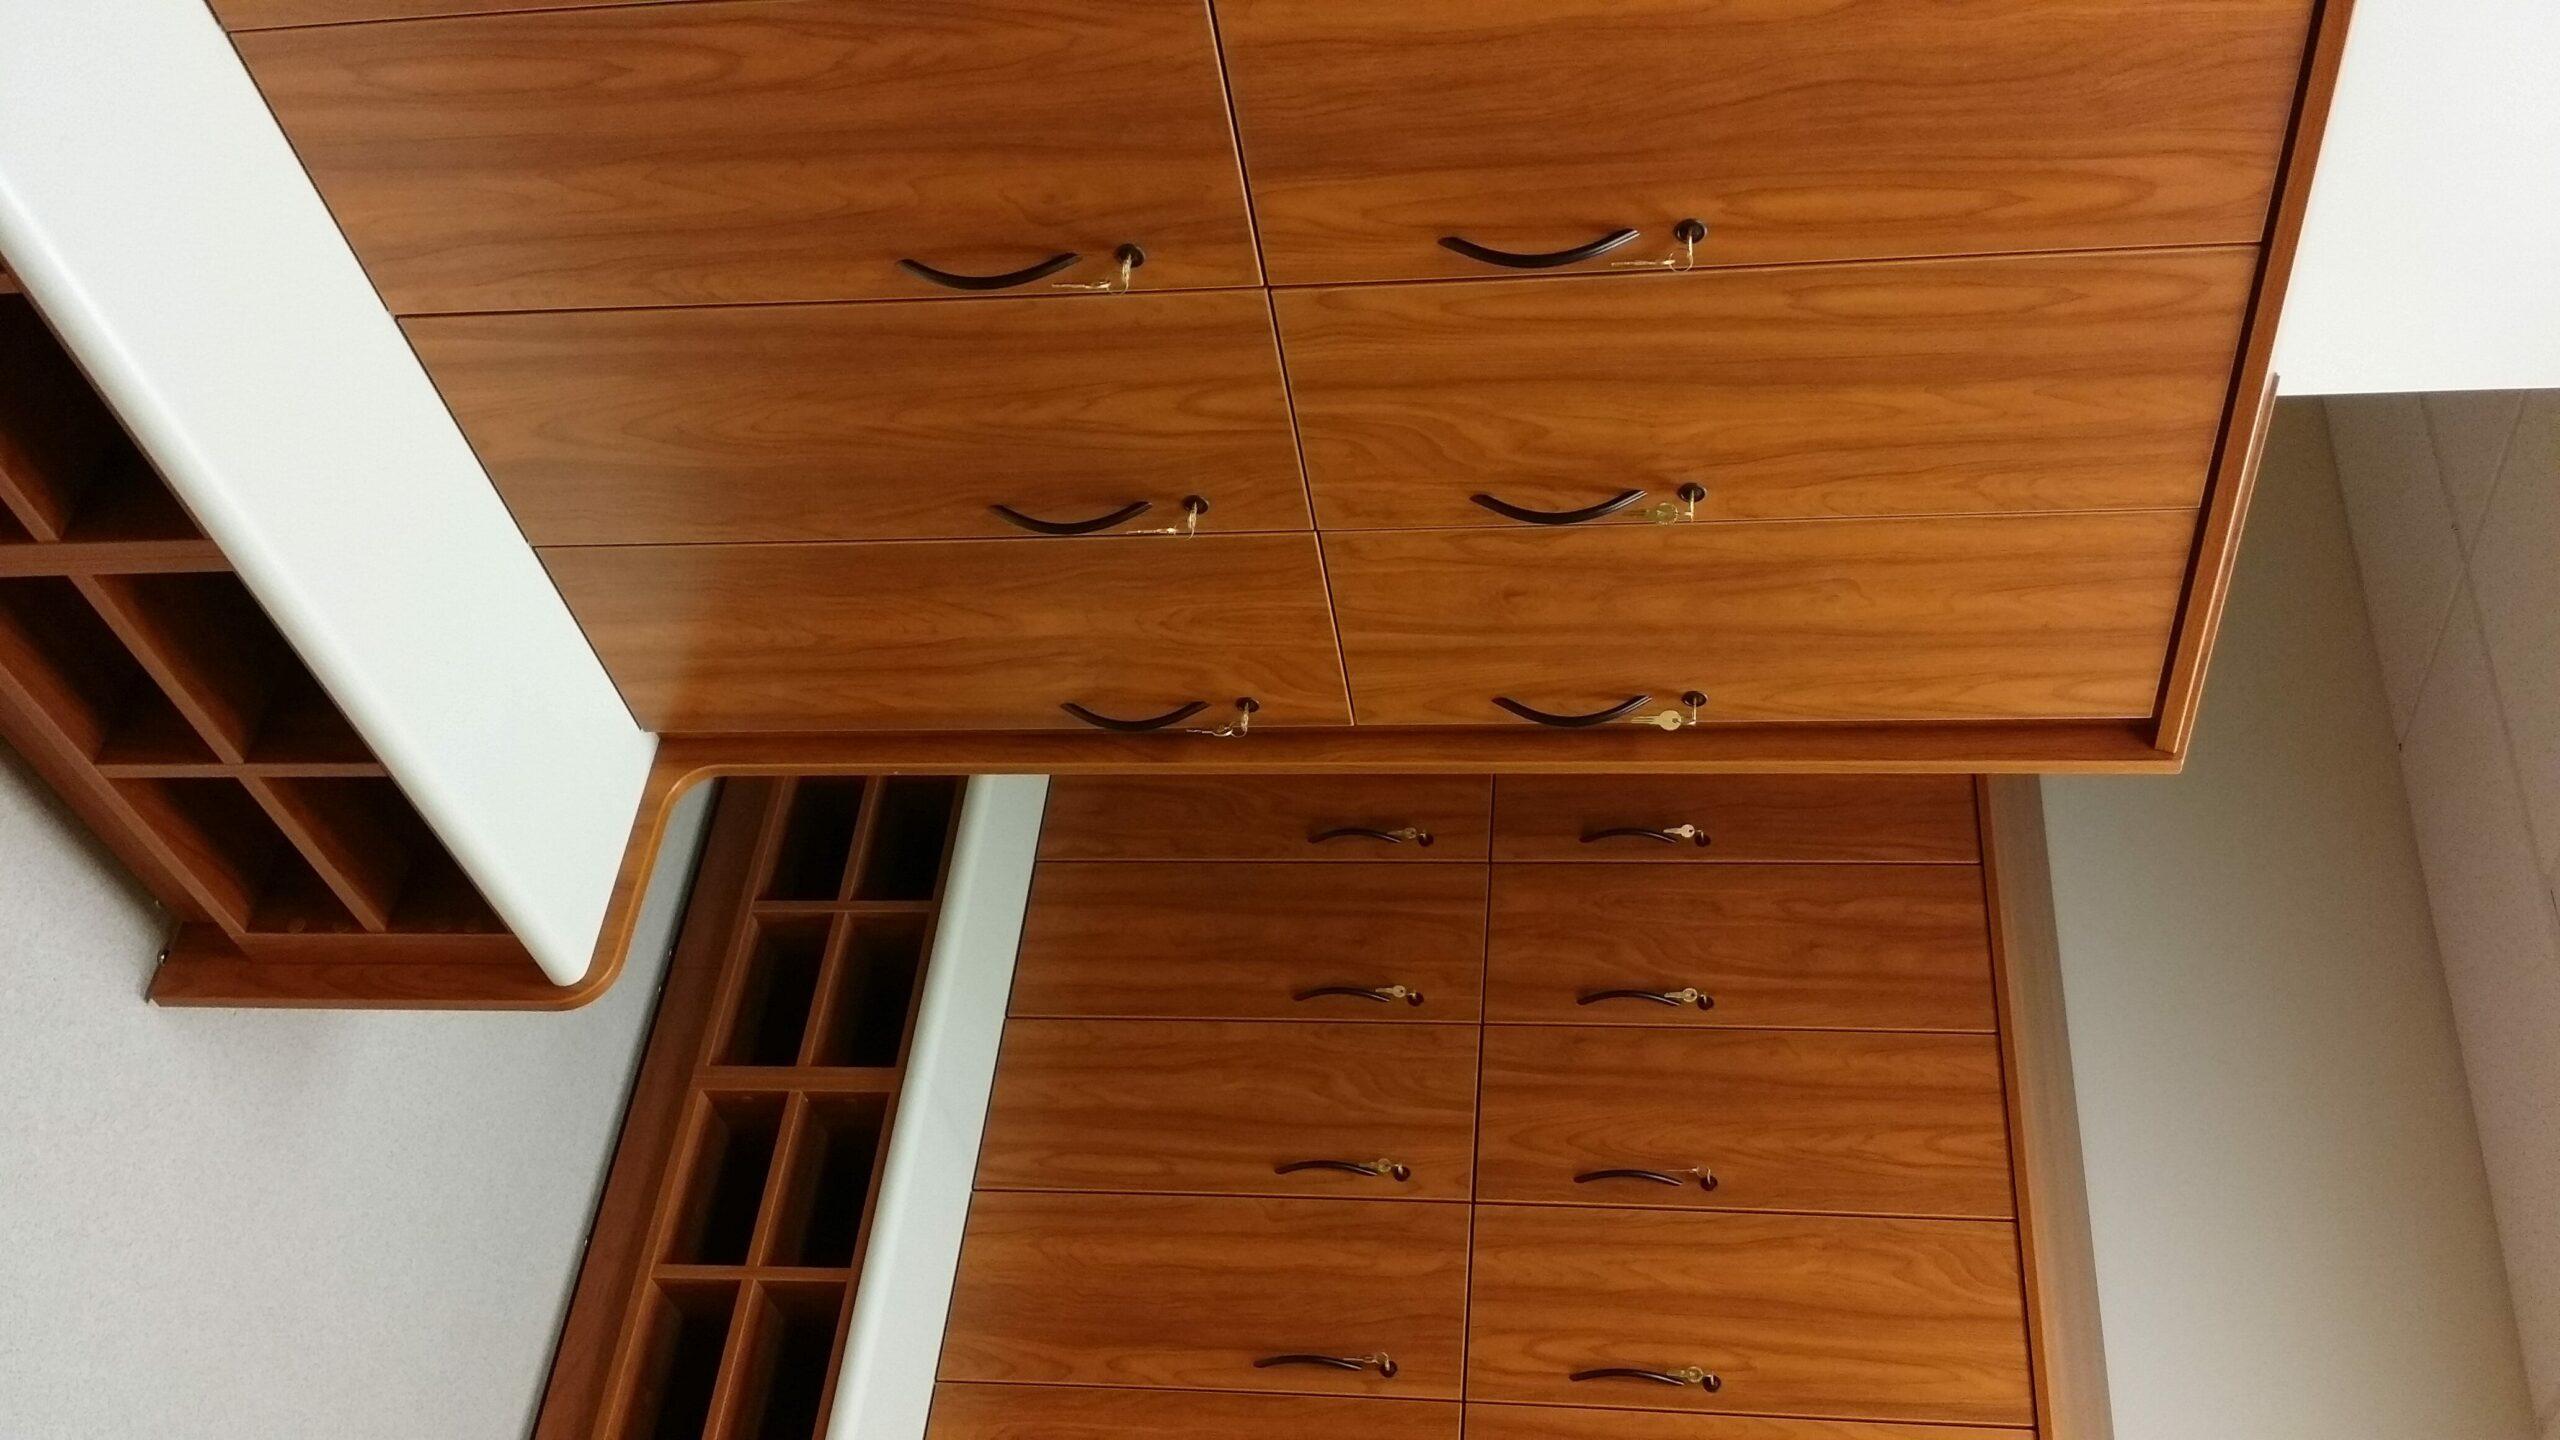 Wood veneer gym lockers with built in shoe cubbies